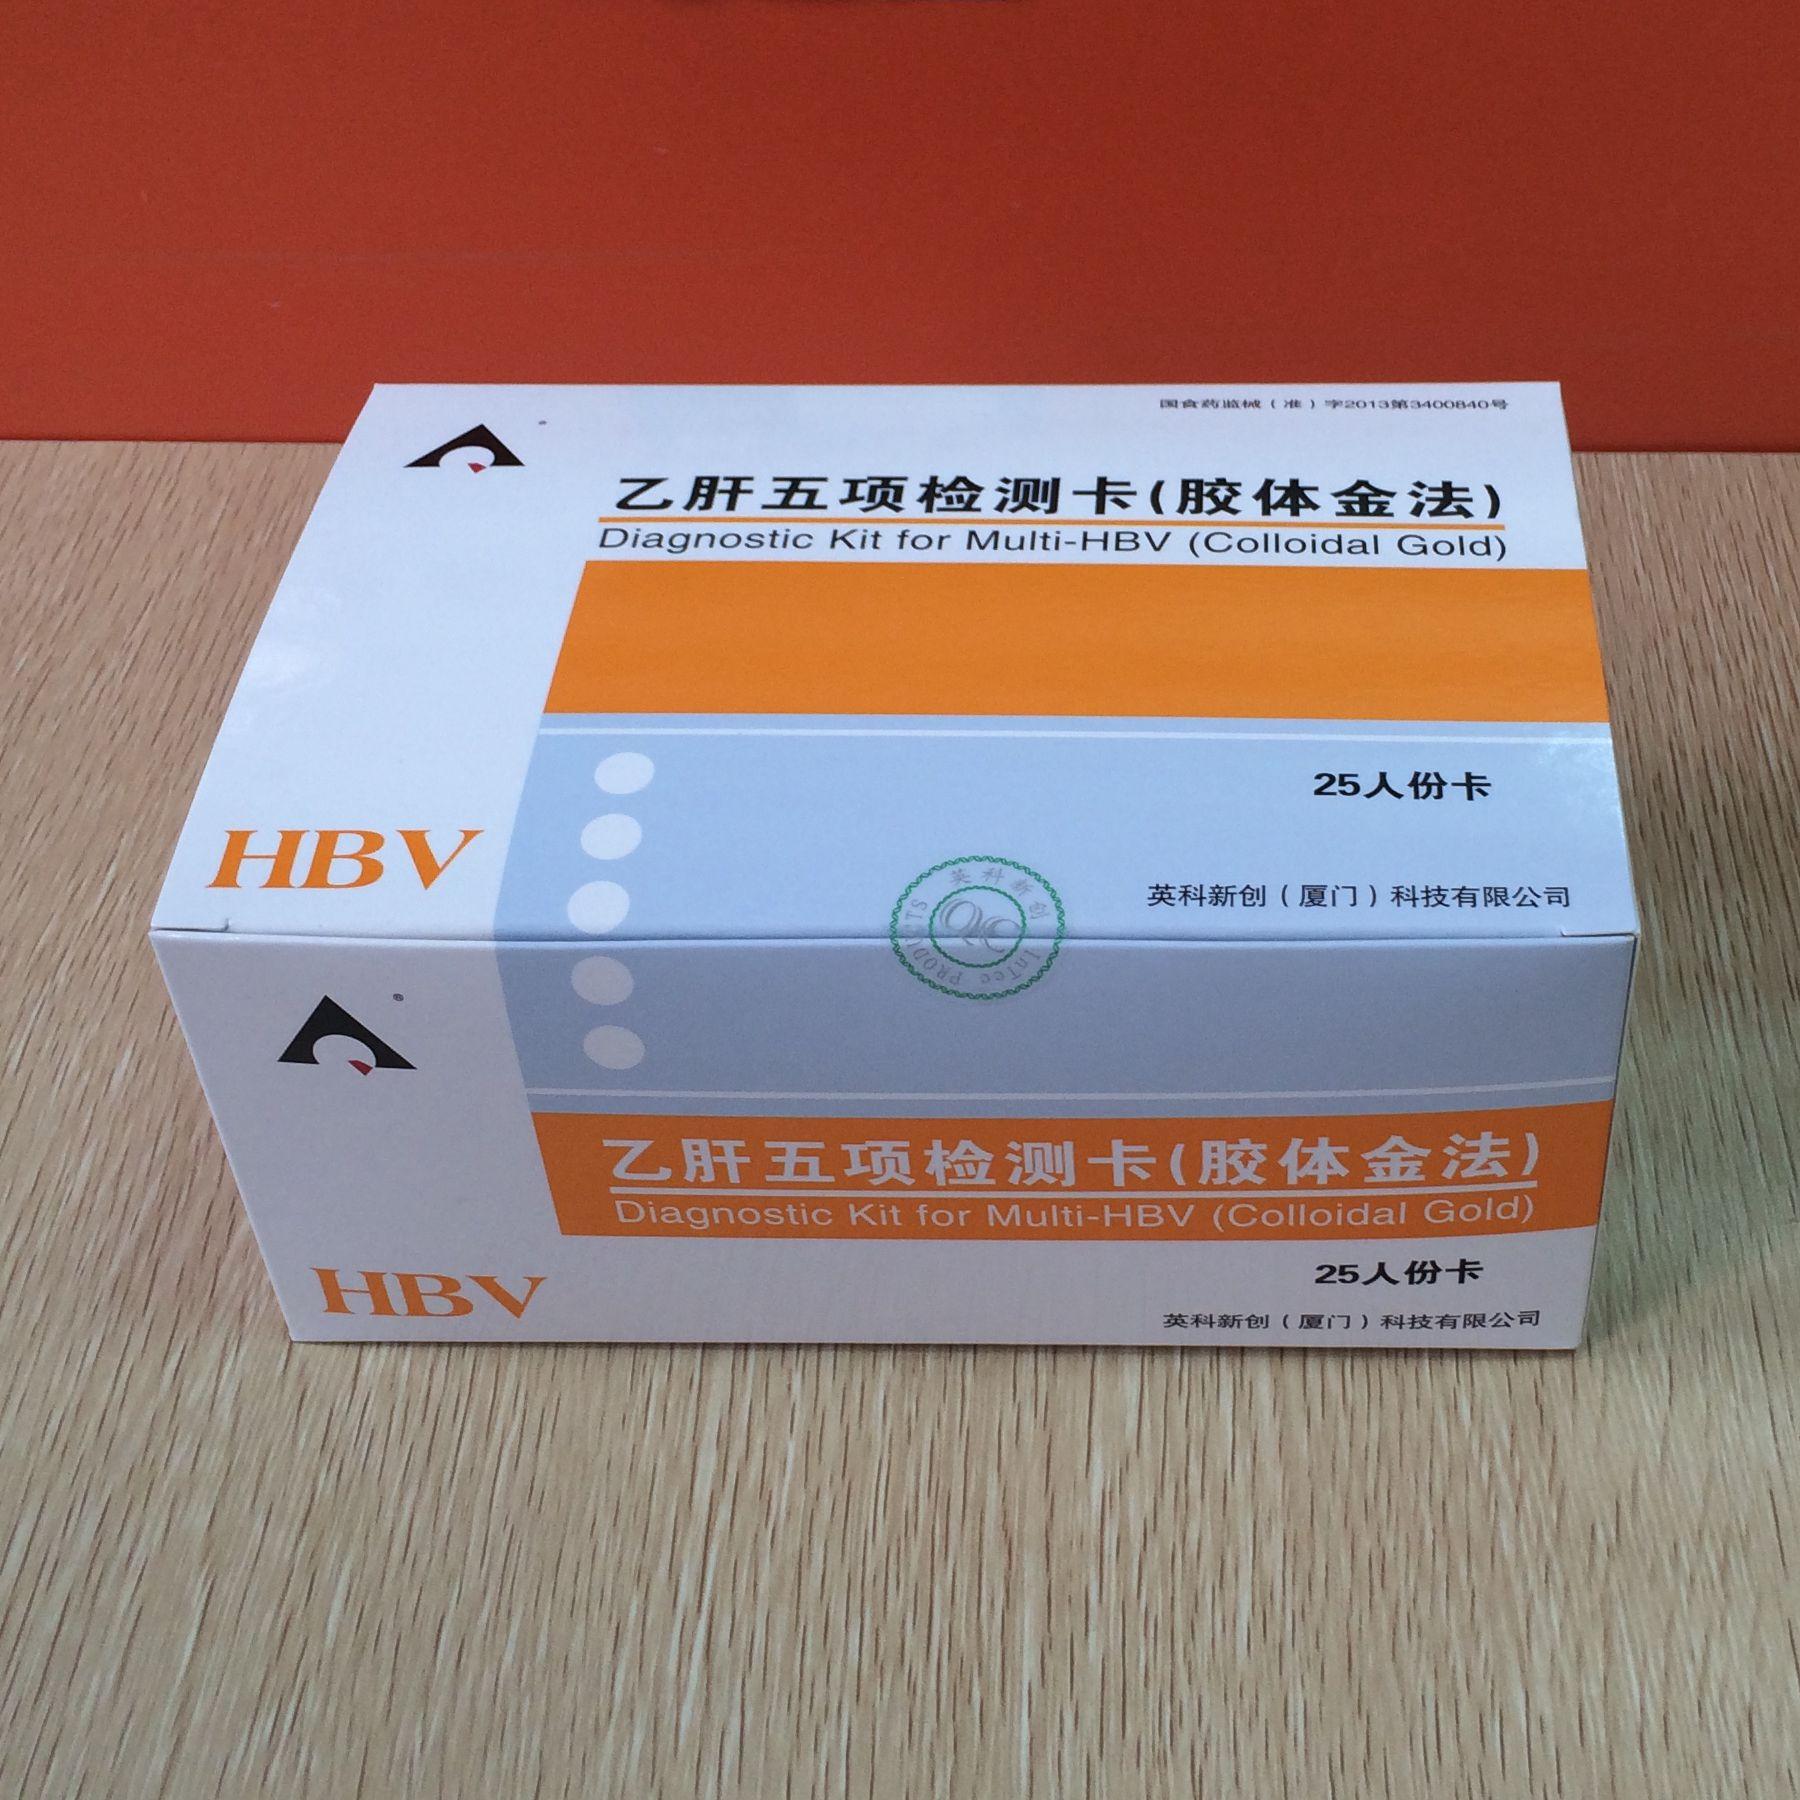 乙肝五项检测卡(胶体金)